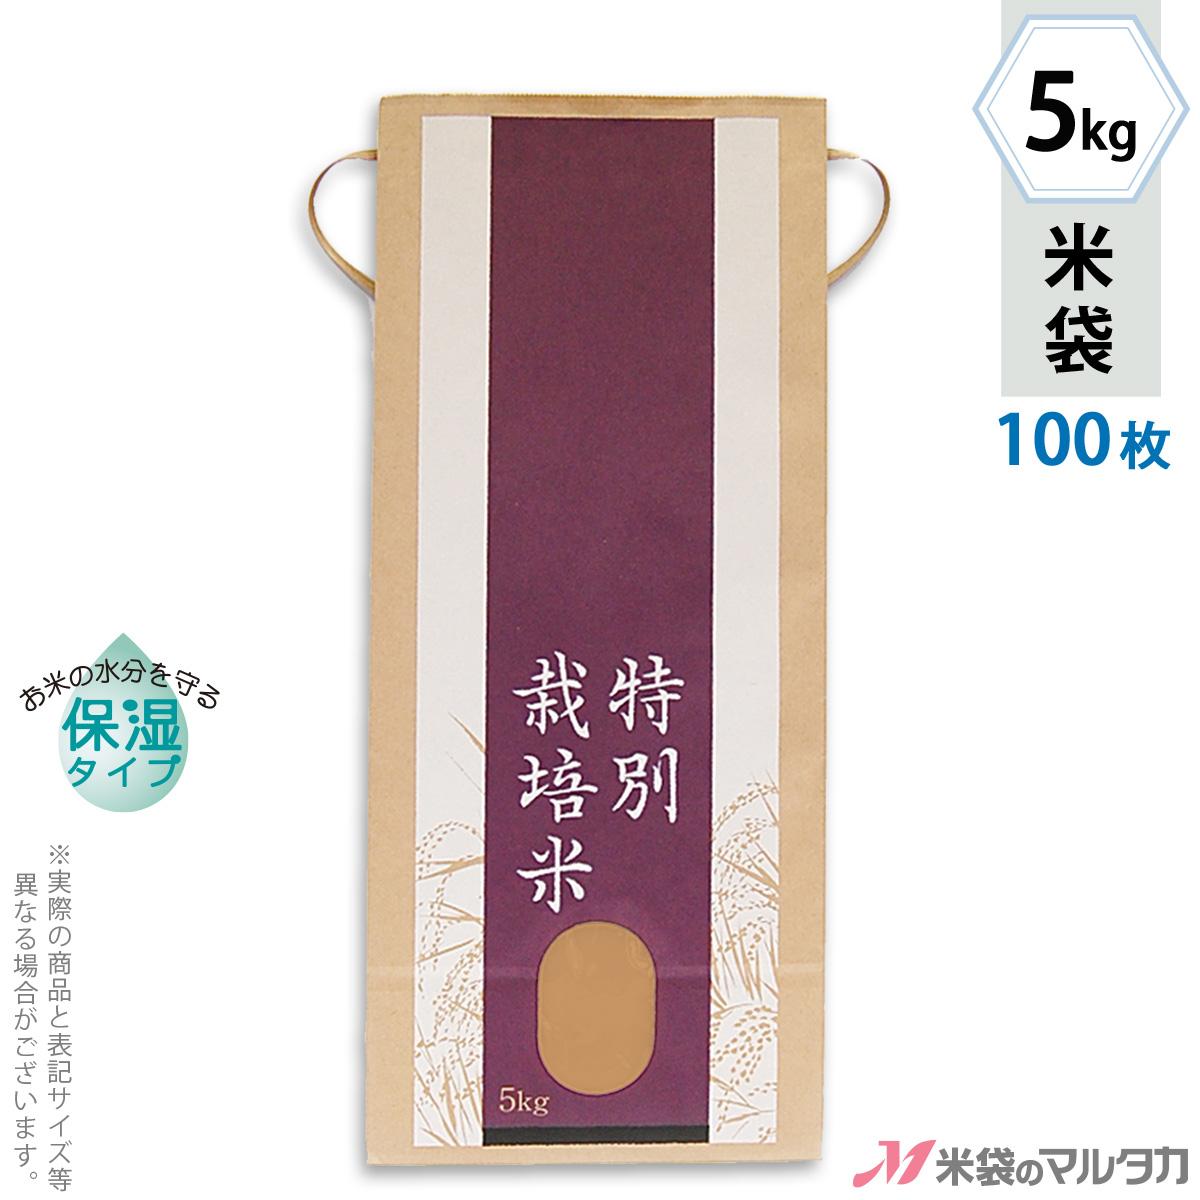 米袋 KHP-014 マルタカ クラフトSP 保湿タイプ 特別栽培米 丹心(たんしん)(銘柄なし) 窓付 角底 5kg用紐付 100枚【米袋 5kg】【おトクな100枚セット】